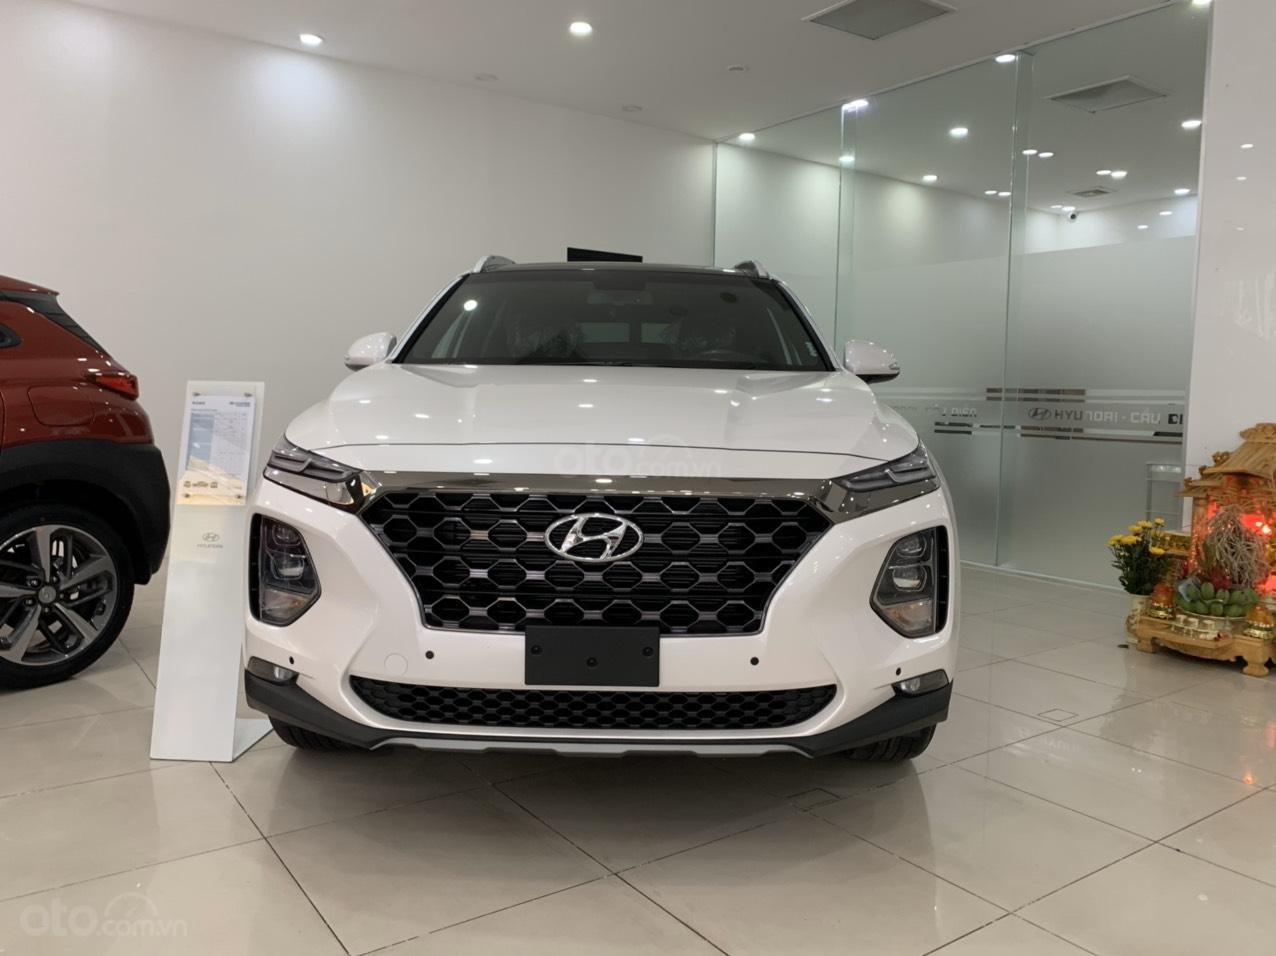 Hyundai Santa Fe 2019 bản Premium máy dầu cao cấp - xe giao ngay - nhiều ưu đãi - 0919929923 (1)